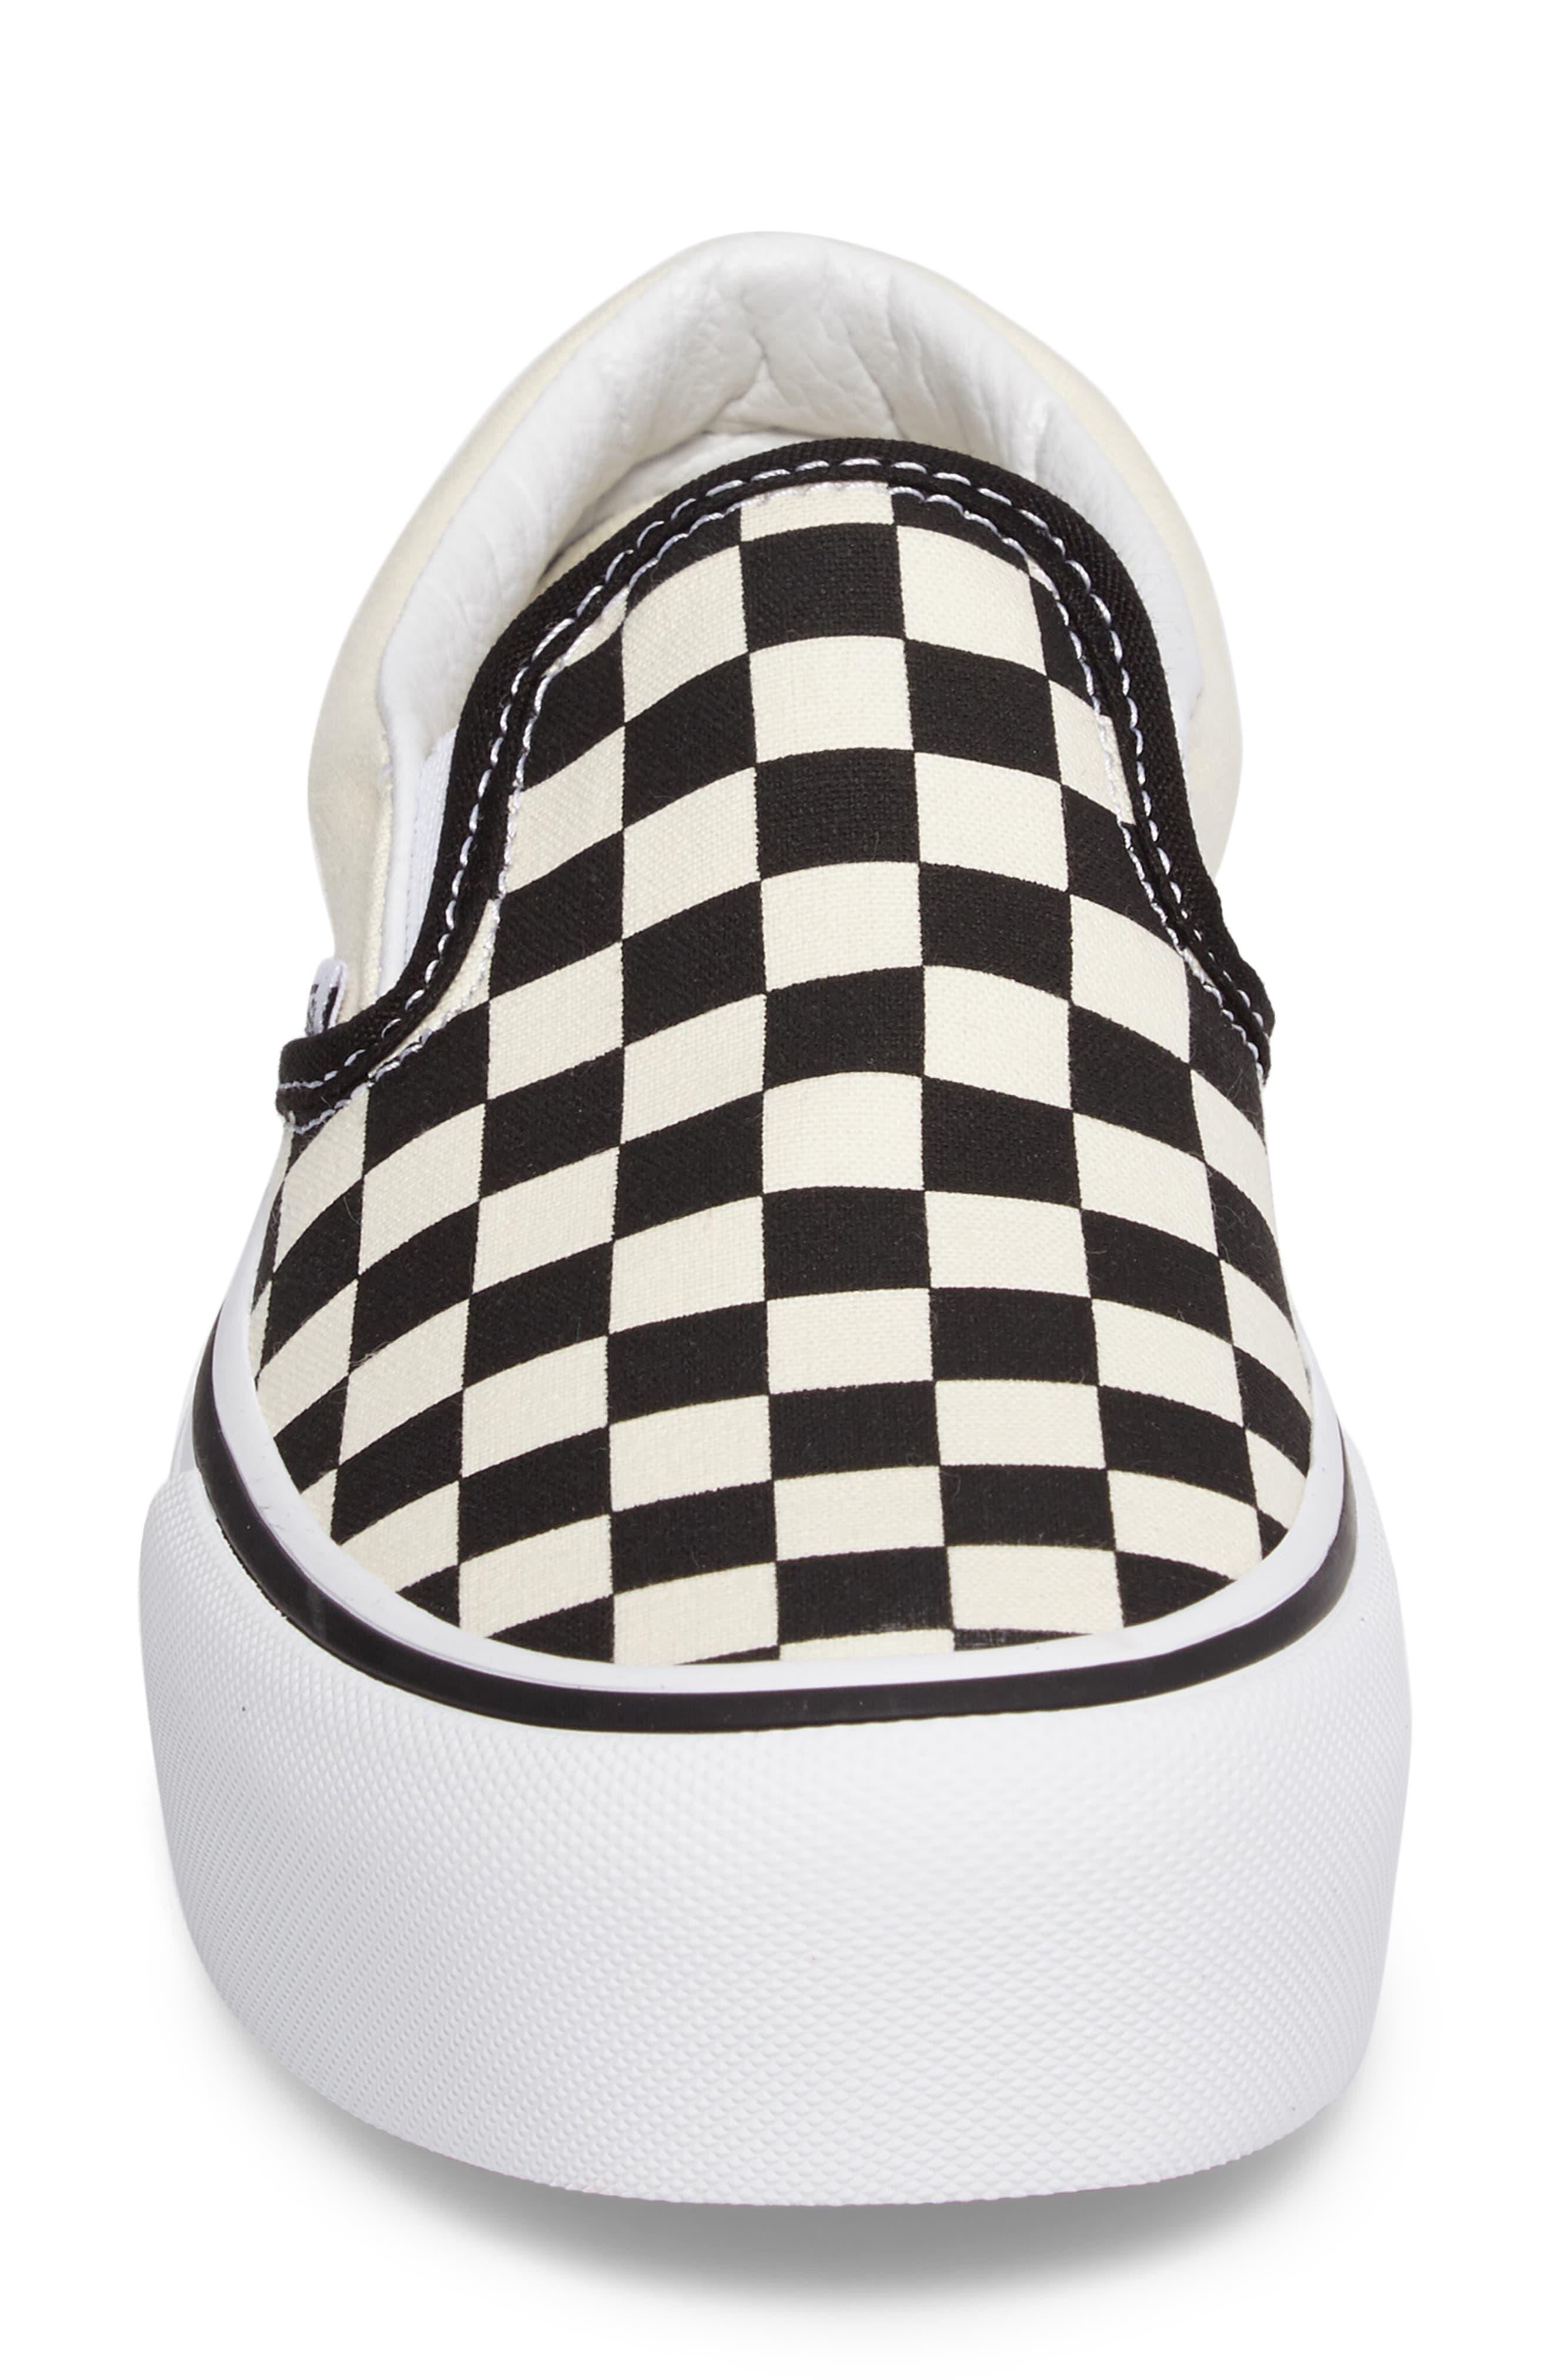 Platform Slip-On Sneaker,                             Alternate thumbnail 4, color,                             Black/ Black/ White